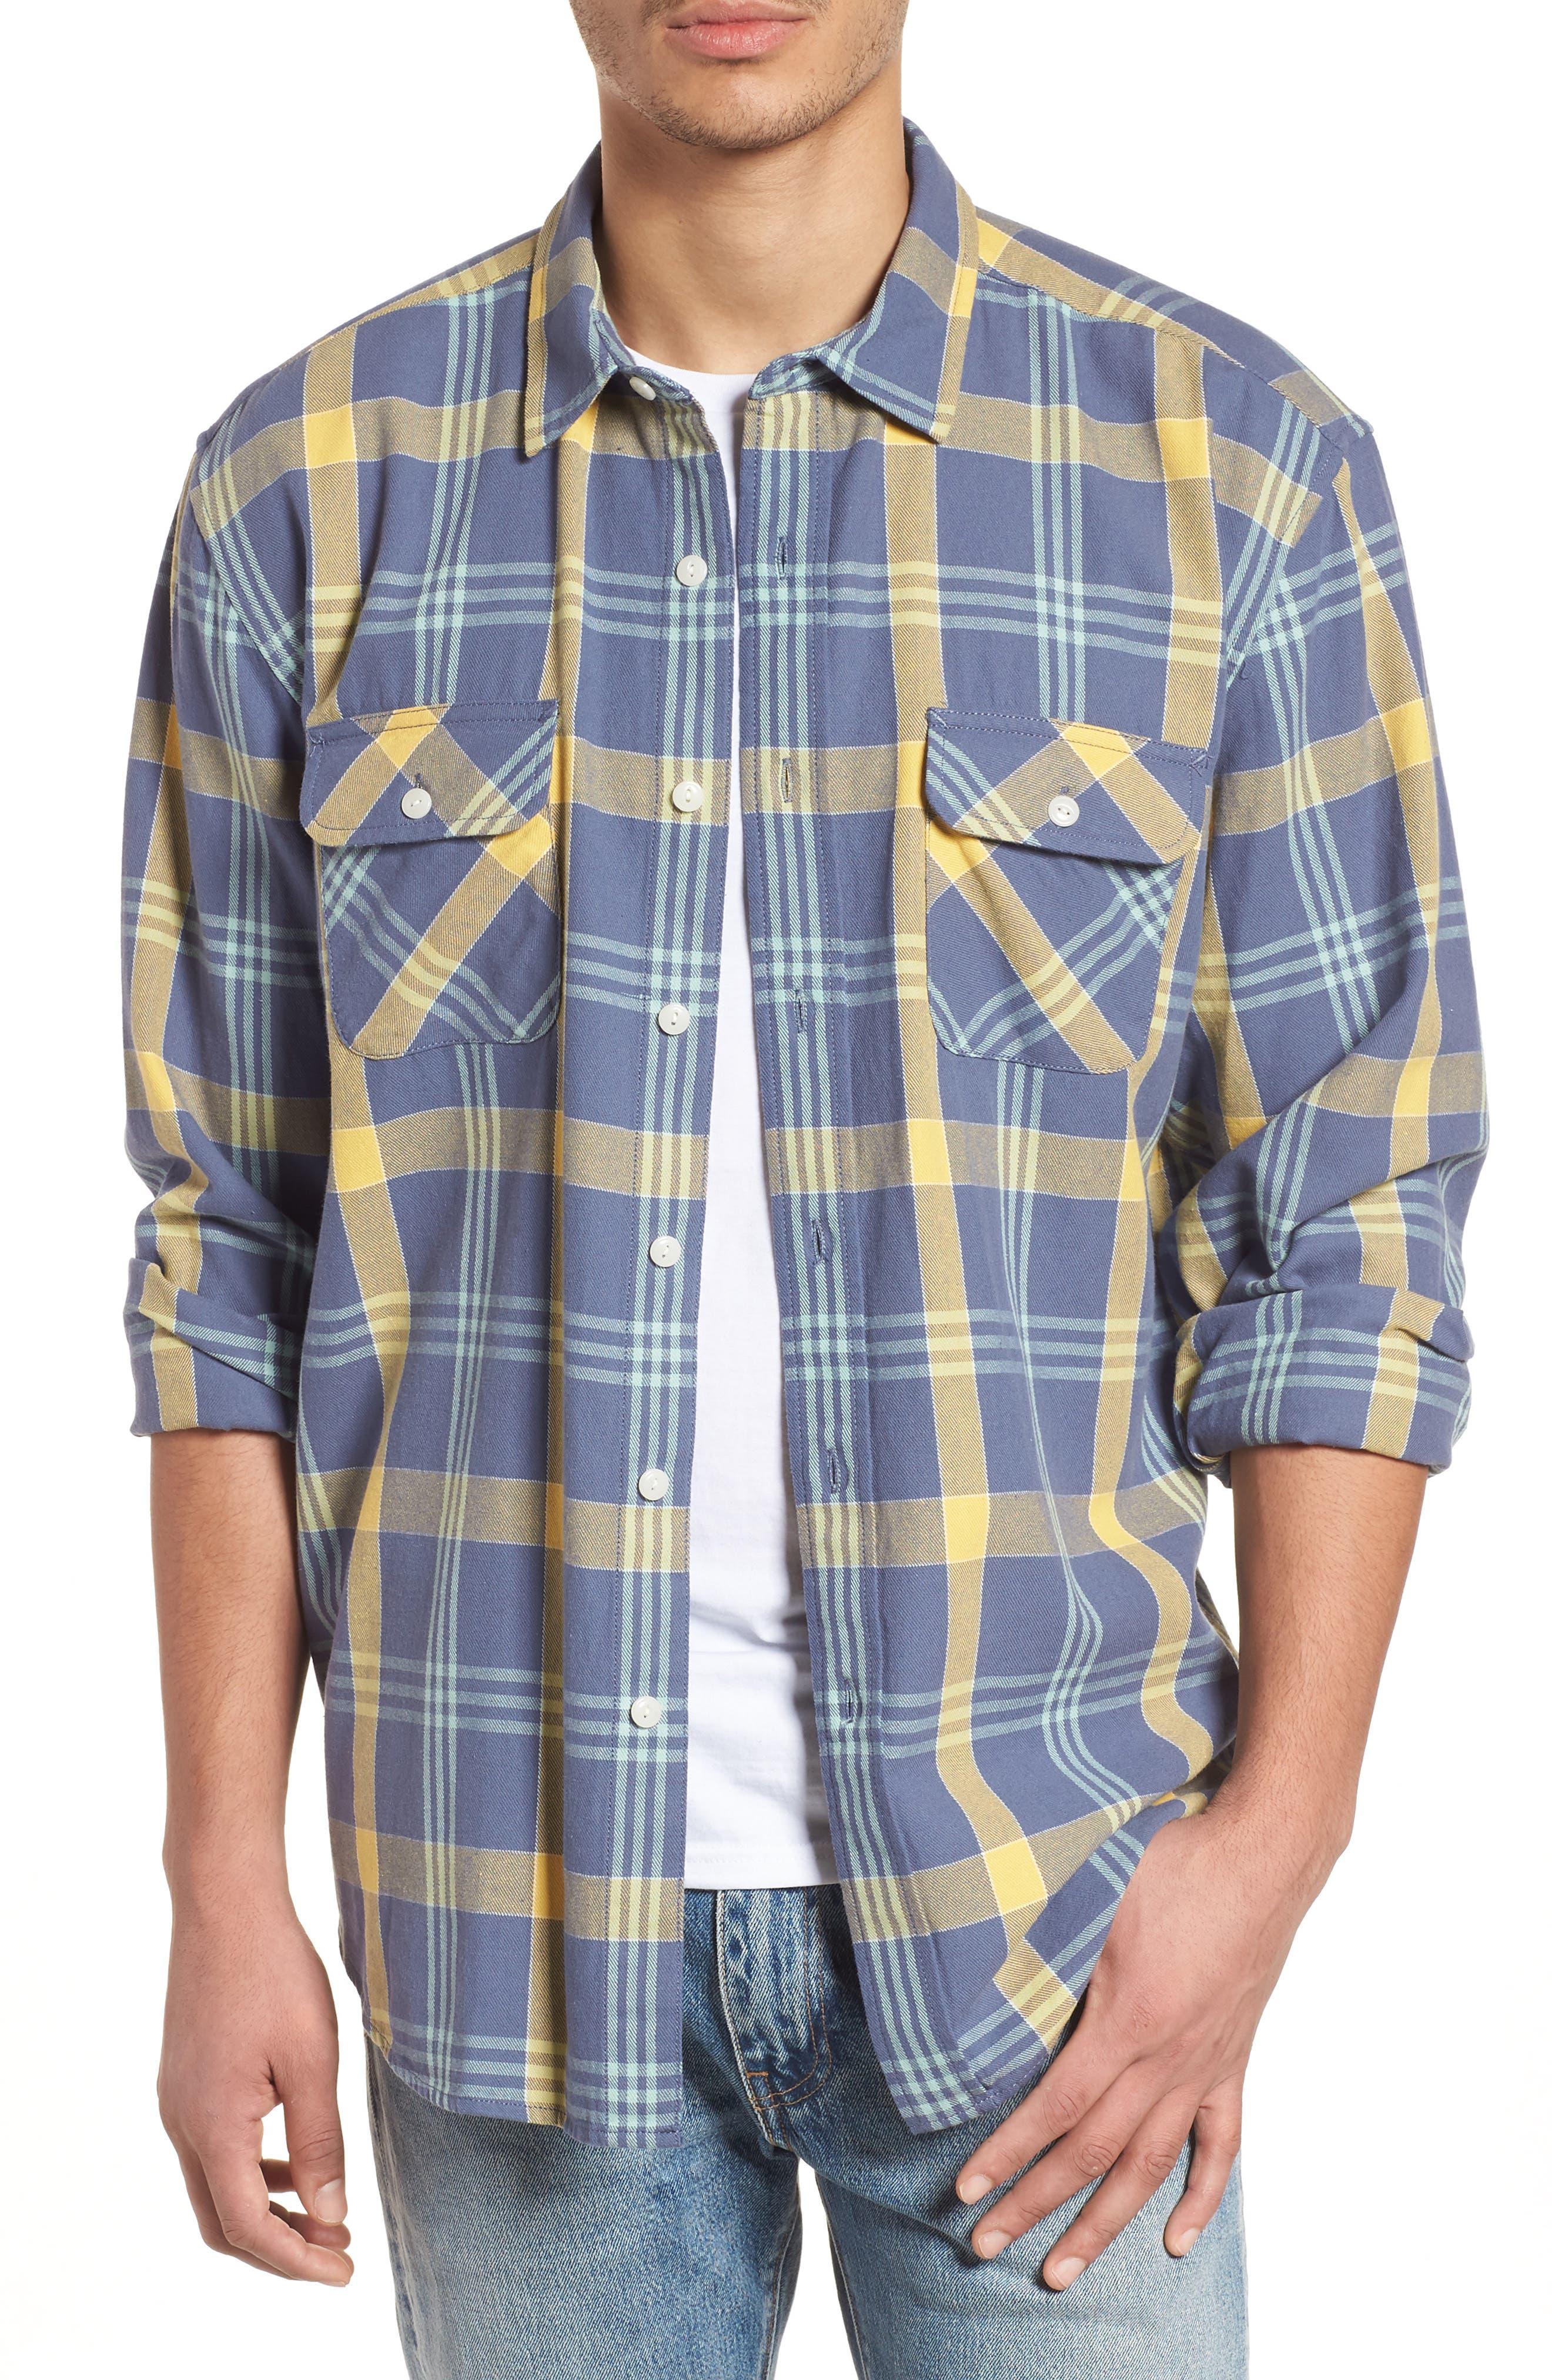 Beach Shack Twill Shirt,                         Main,                         color, 65310 Indigo/Orche Plaid